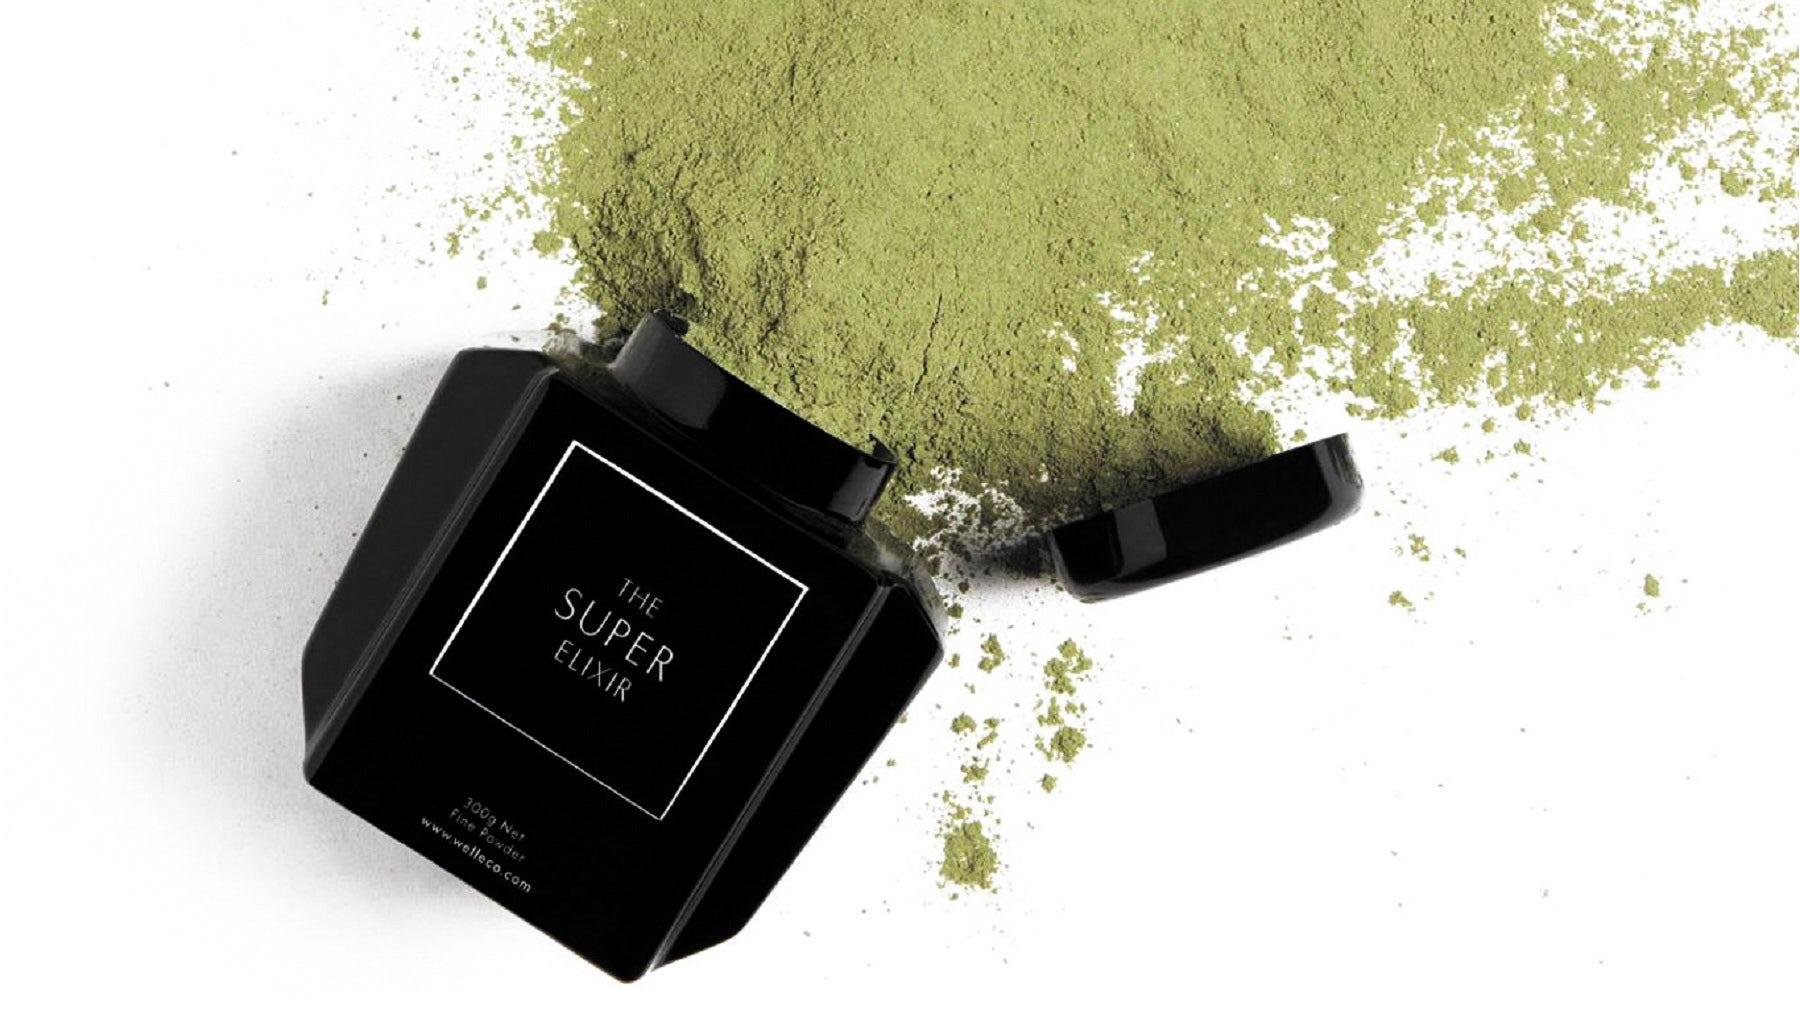 Elle Macpherson's Super Elixir   Source: The Super Elixir